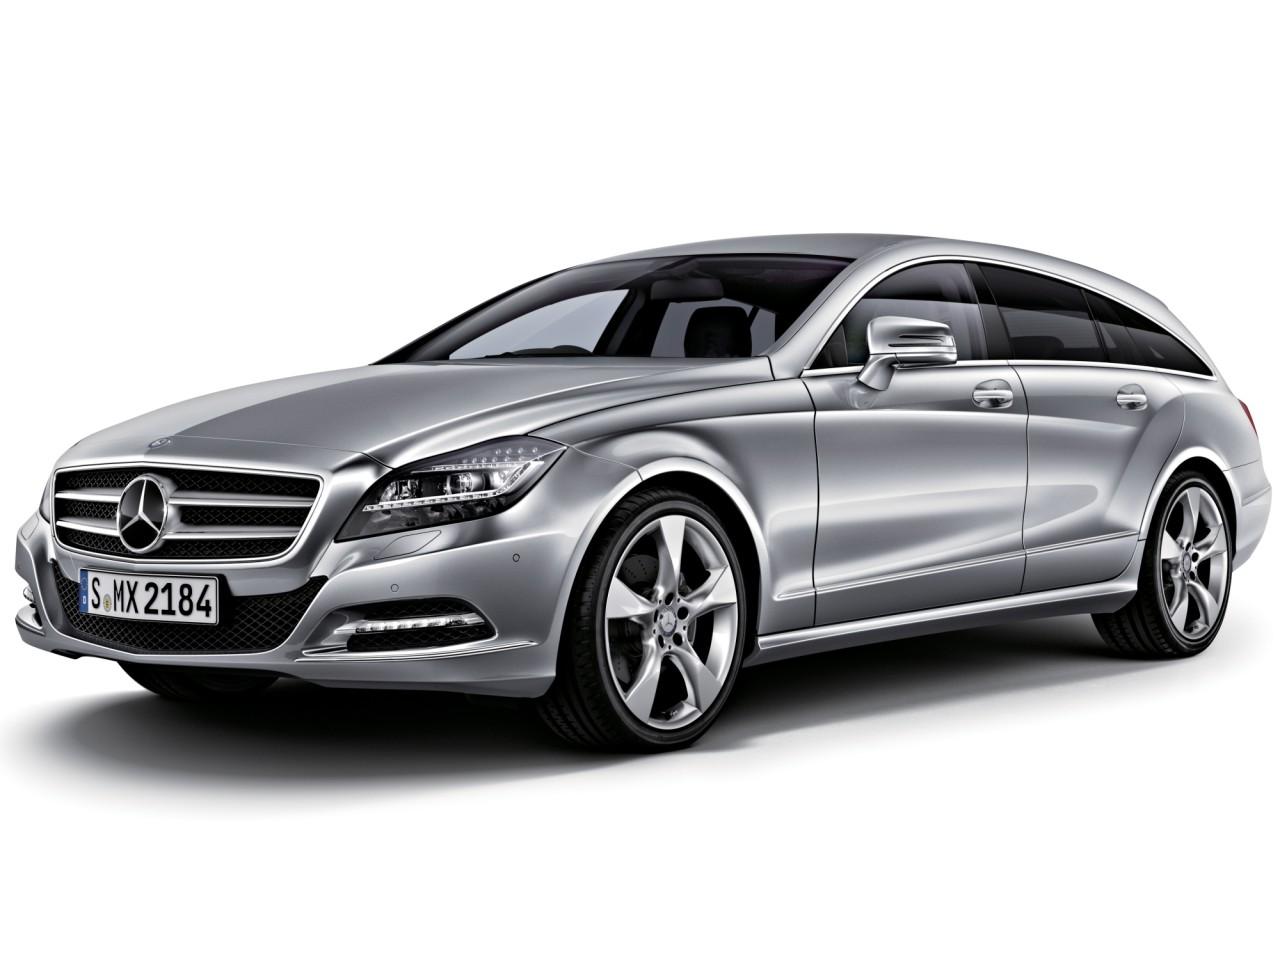 メルセデス・ベンツ CLSクラス シューティングブレーク 2012年モデル 新車画像